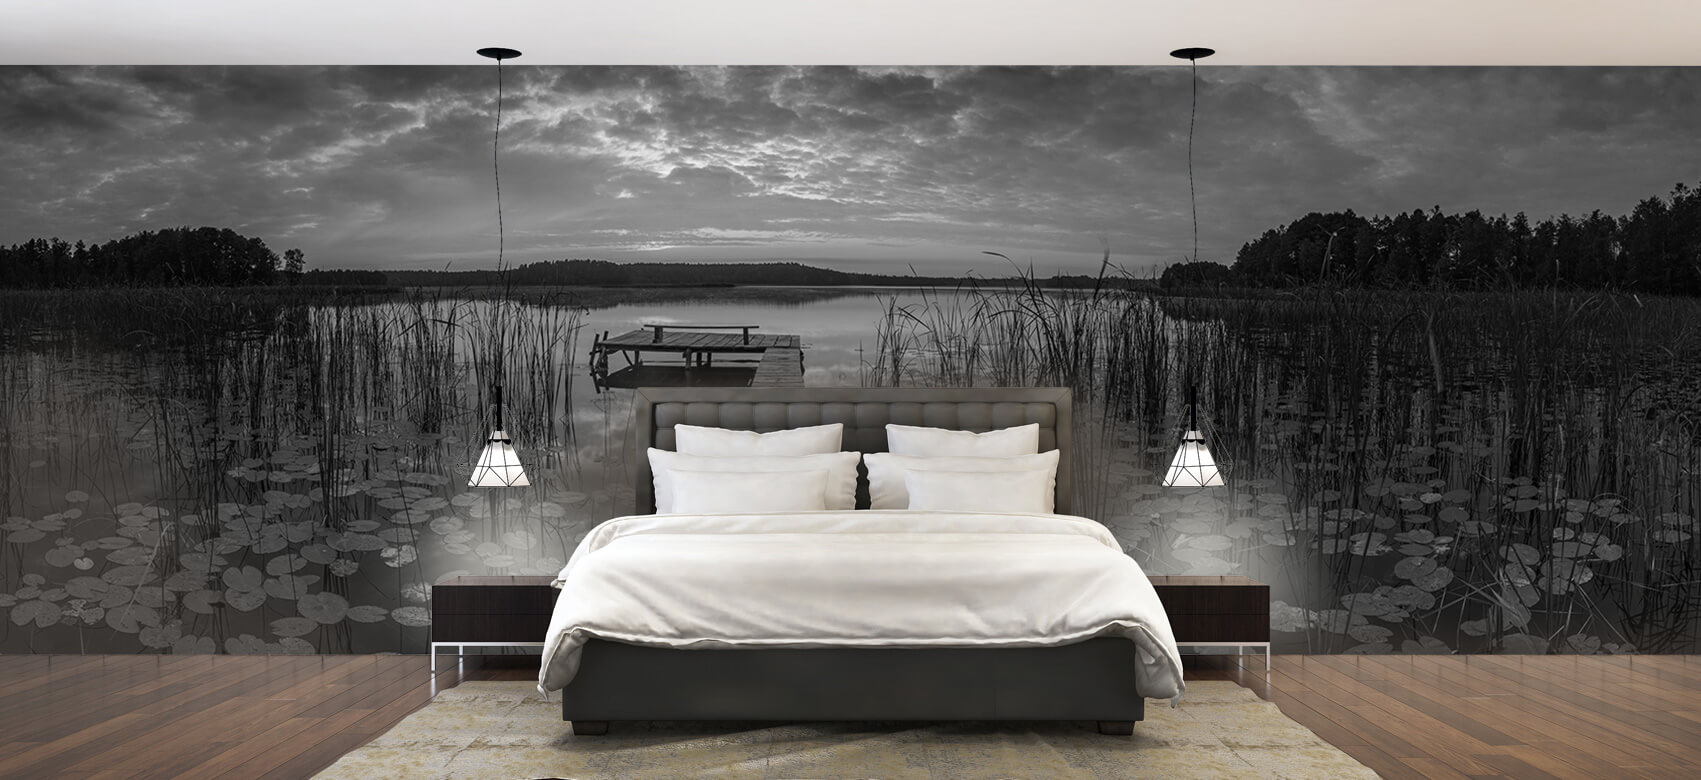 Houten Steigers - Zonsopgang aan het meer - Woonkamer 3